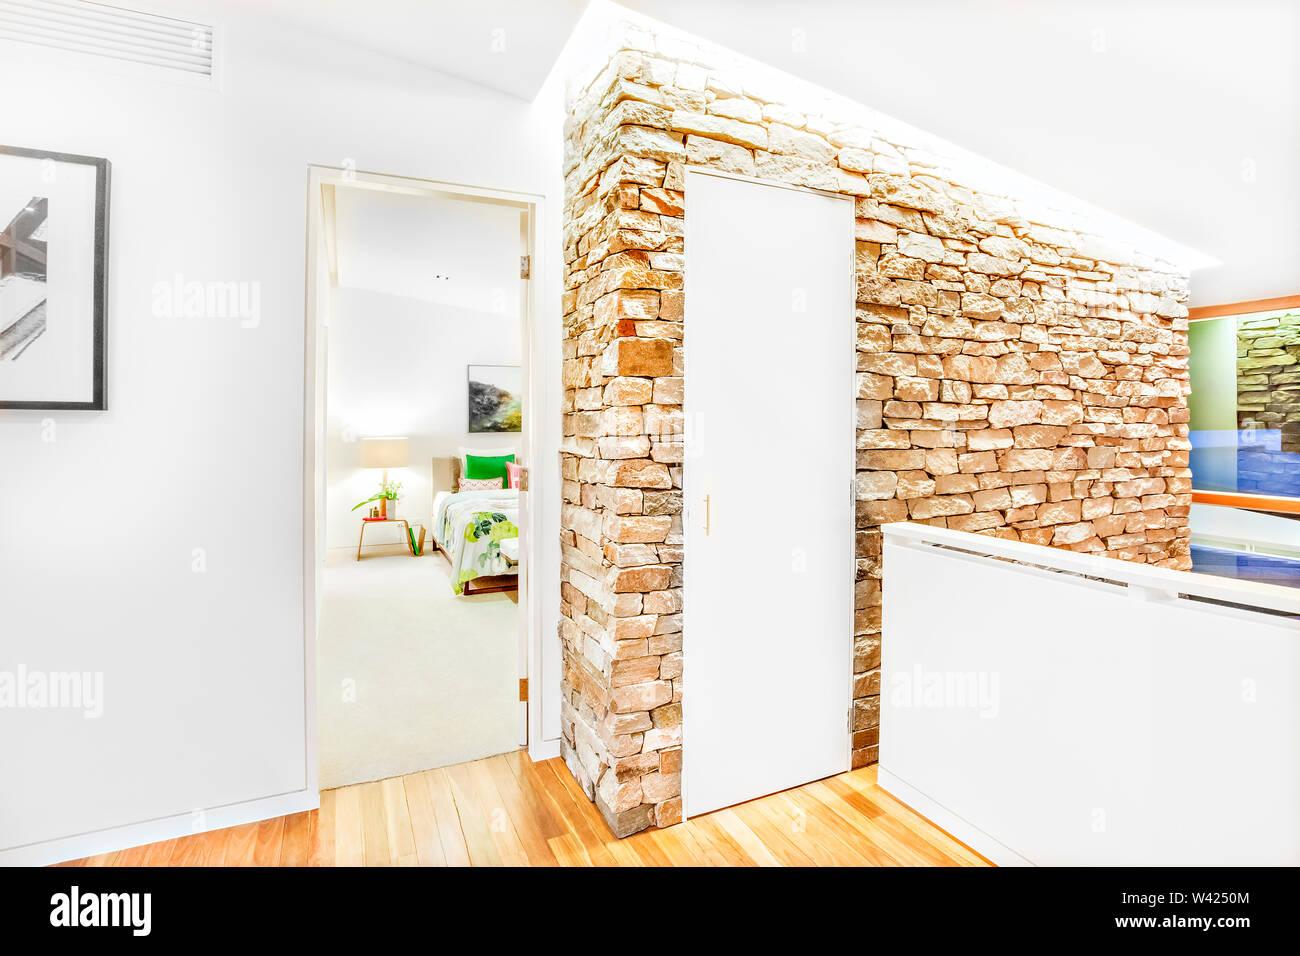 Muro di pietra, la porta chiusa e una posizione aperta entrata alla camera da letto attraverso il pavimento in legno in corridoio, le pareti bianche sono attaccati alle pareti di mattoni e illuminat Immagini Stock